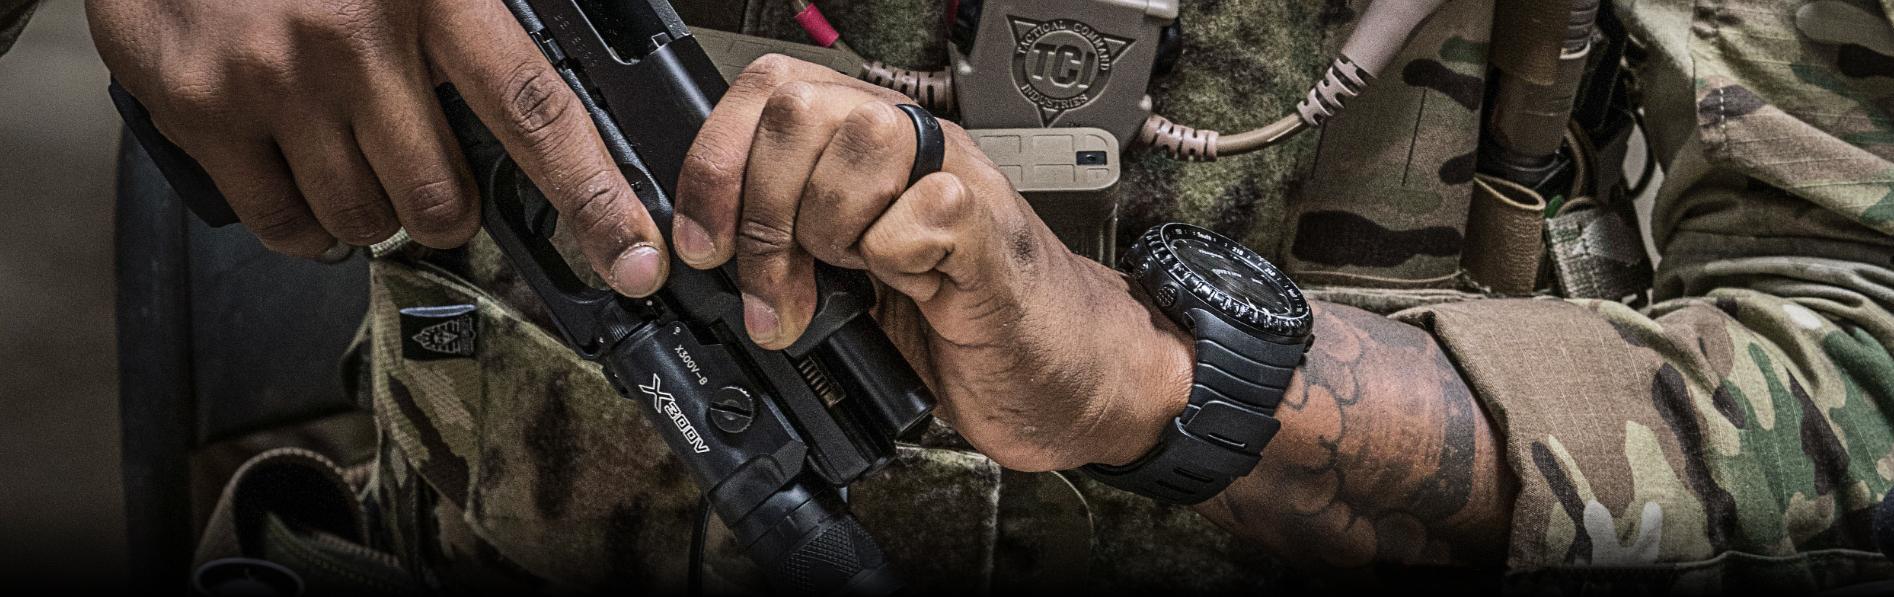 SUREFIRE-X300V-B-Infrared-White-LED-Handgun-WeaponLight-with-T-Slot-Mounting-System-GLOCK-Pistolenlicht-Waffenlicht-BANNER